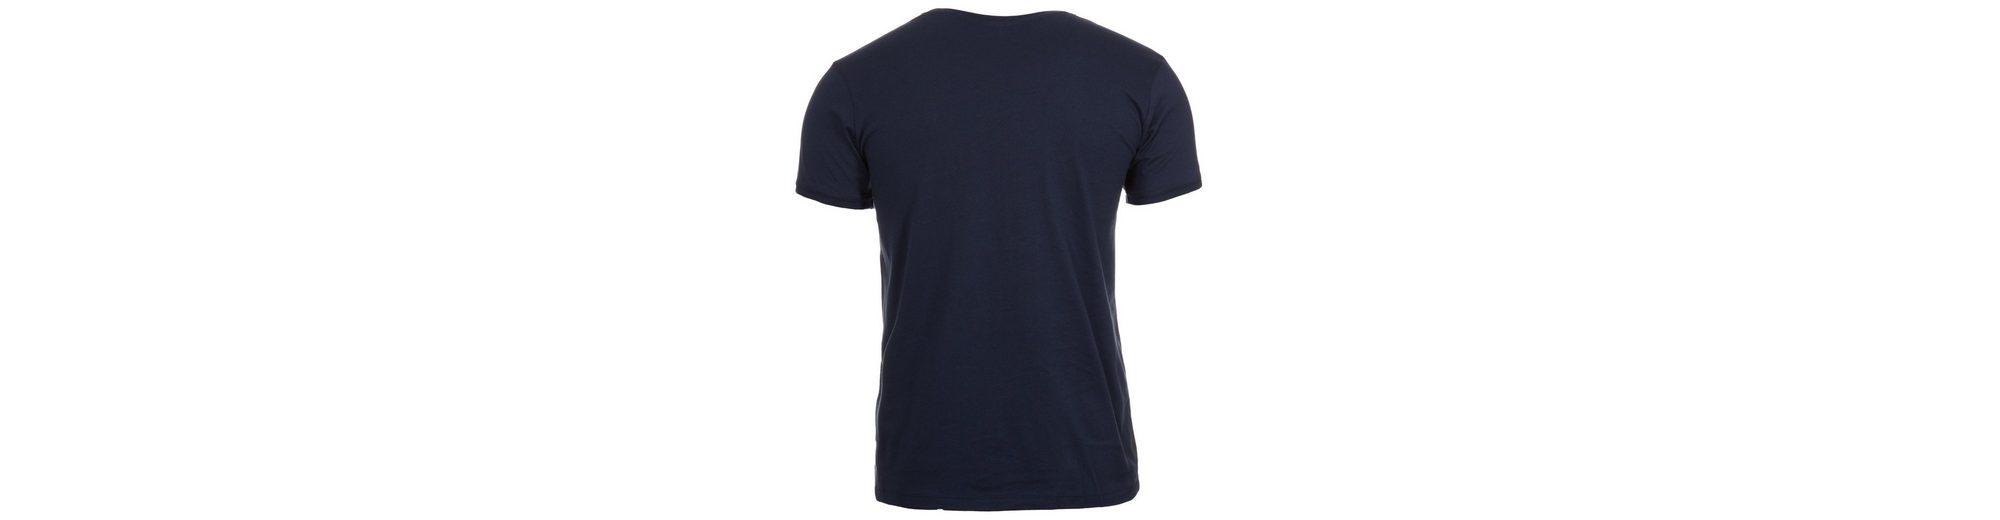 ERIMA Retro T-Shirt Herren Verkauf Heißen Verkauf Verkauf Websites Sneakernews dZ62A6r